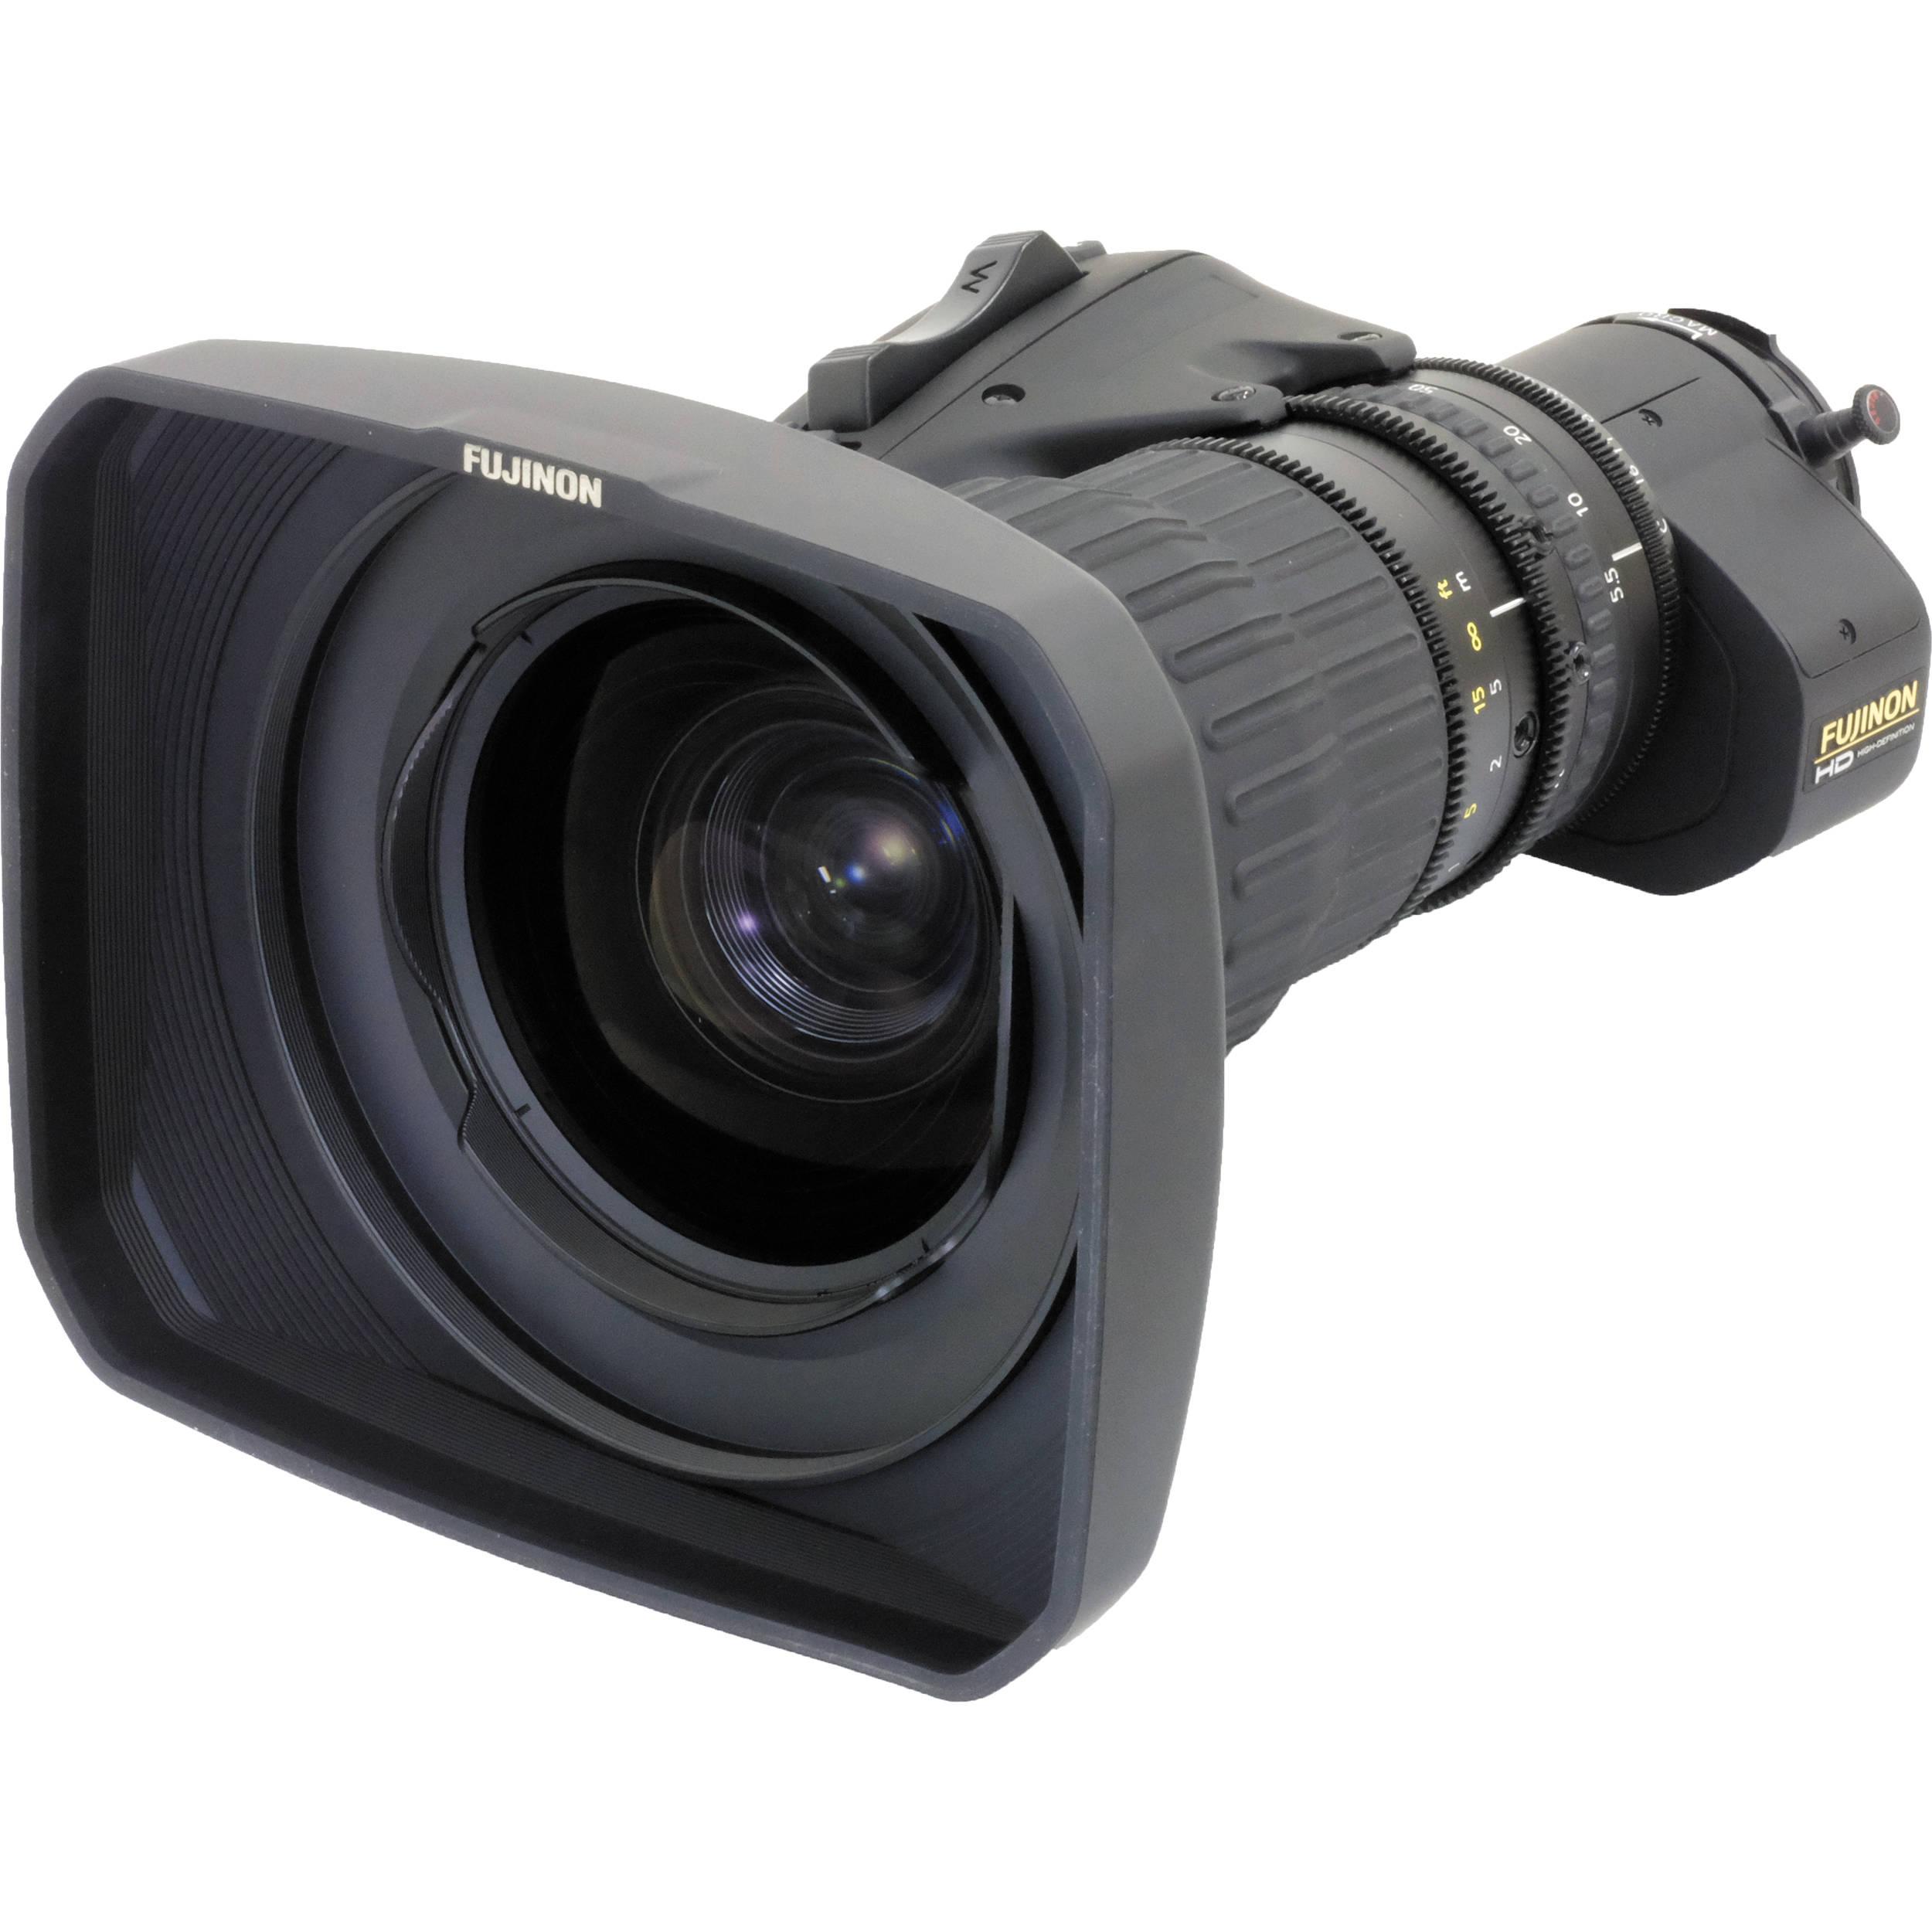 Fujinon HA18X5 5BERM-M6 Premier Series ENG/EFP Lens with Manual Focus,  Servo Zoom, and Robotics Applications